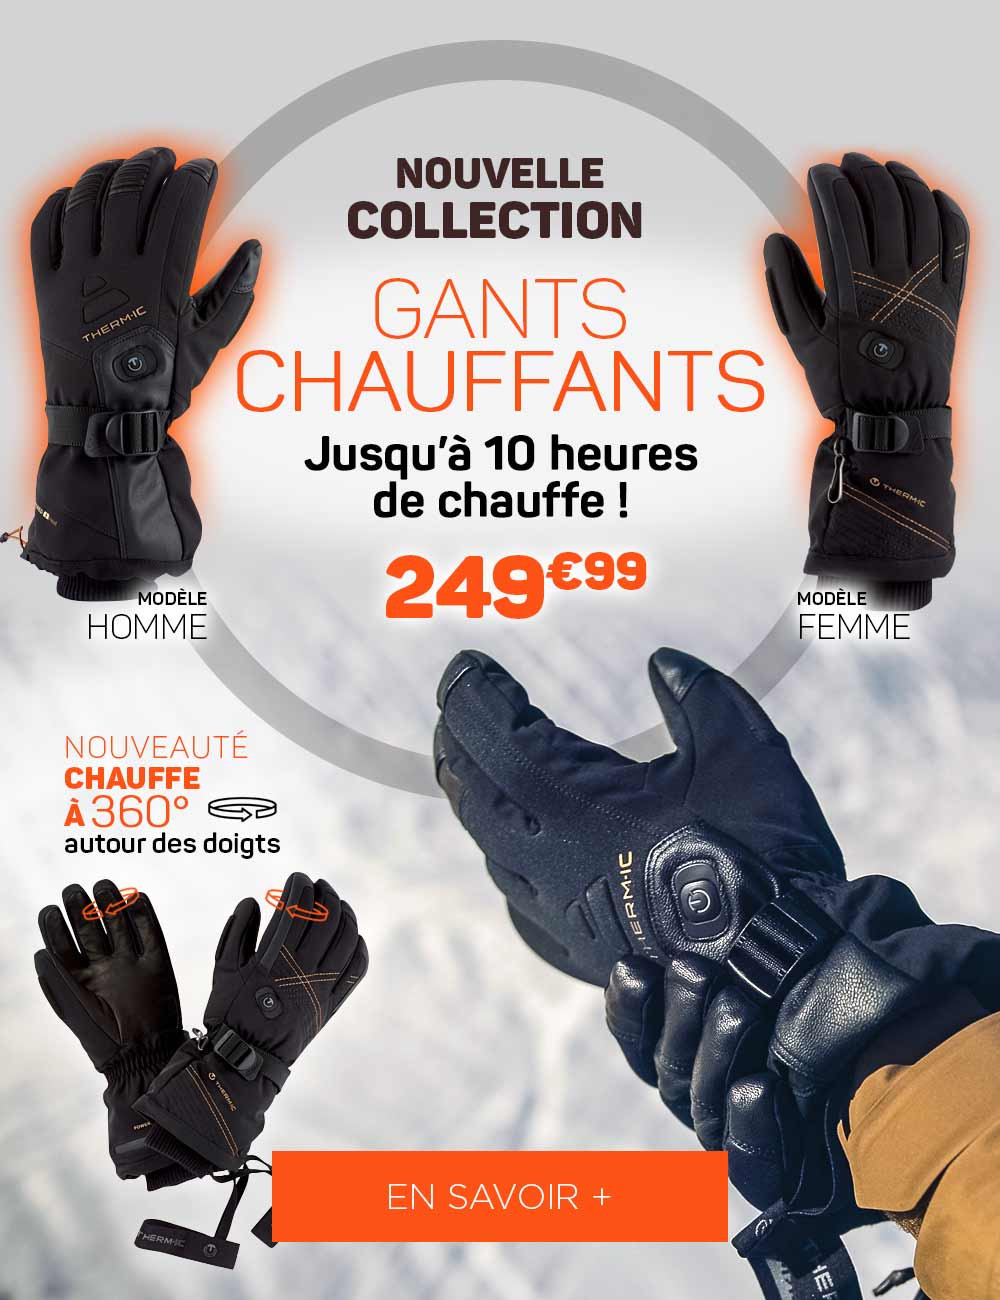 Découvrez notre nouvelle collection de gants chauffants, jusqu'à 10h de chauffe !